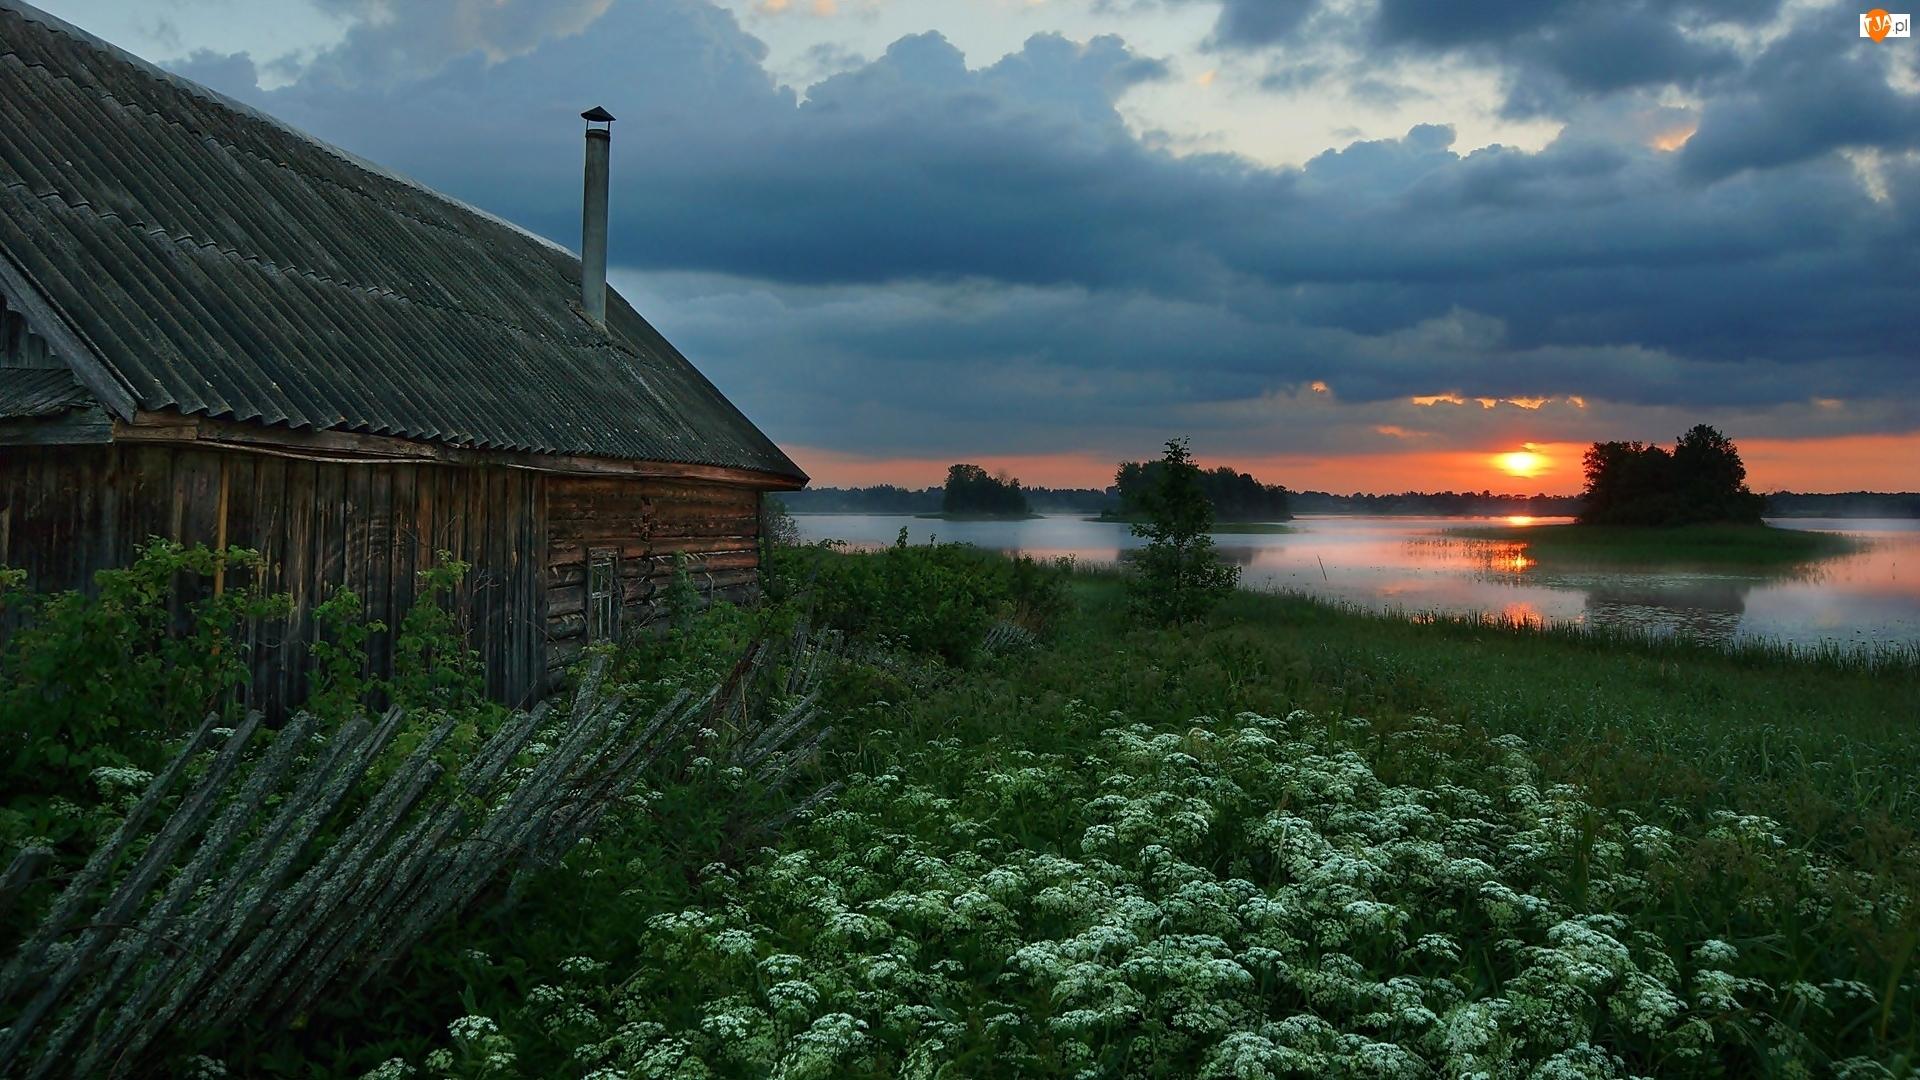 Kwiaty, Drewniany, Jezioro Ordosno, Rosja, Zachód słońca, Wysepki, Dom